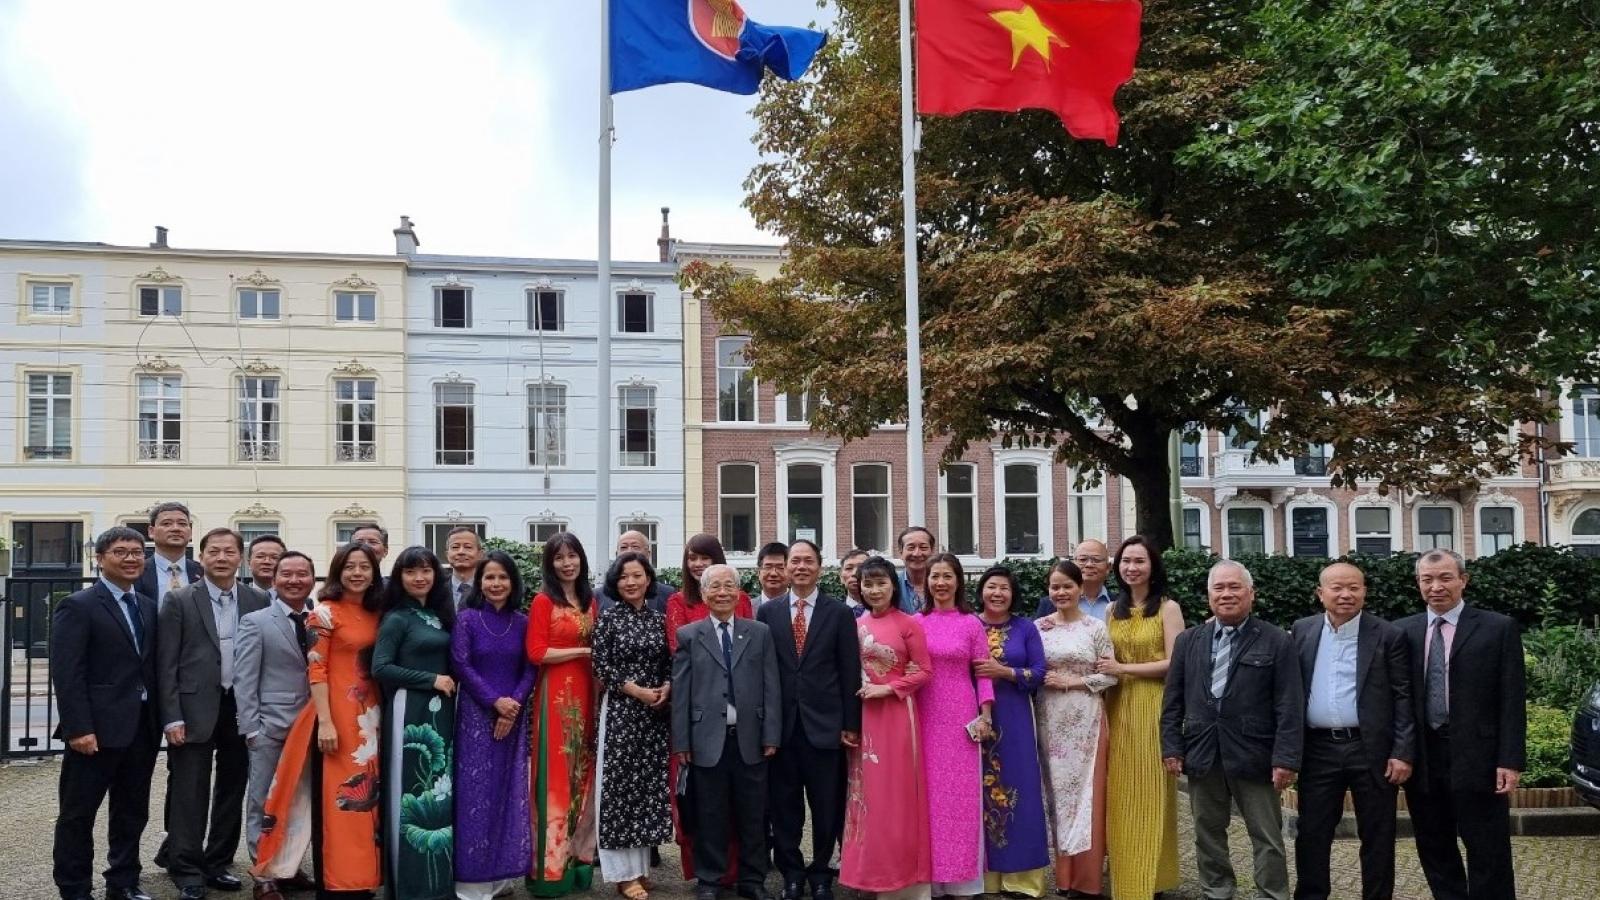 Đại sứ quán Việt Nam tại Hà Lan tổ chức kỷ niệm 76 năm Quốc khánh 2/9